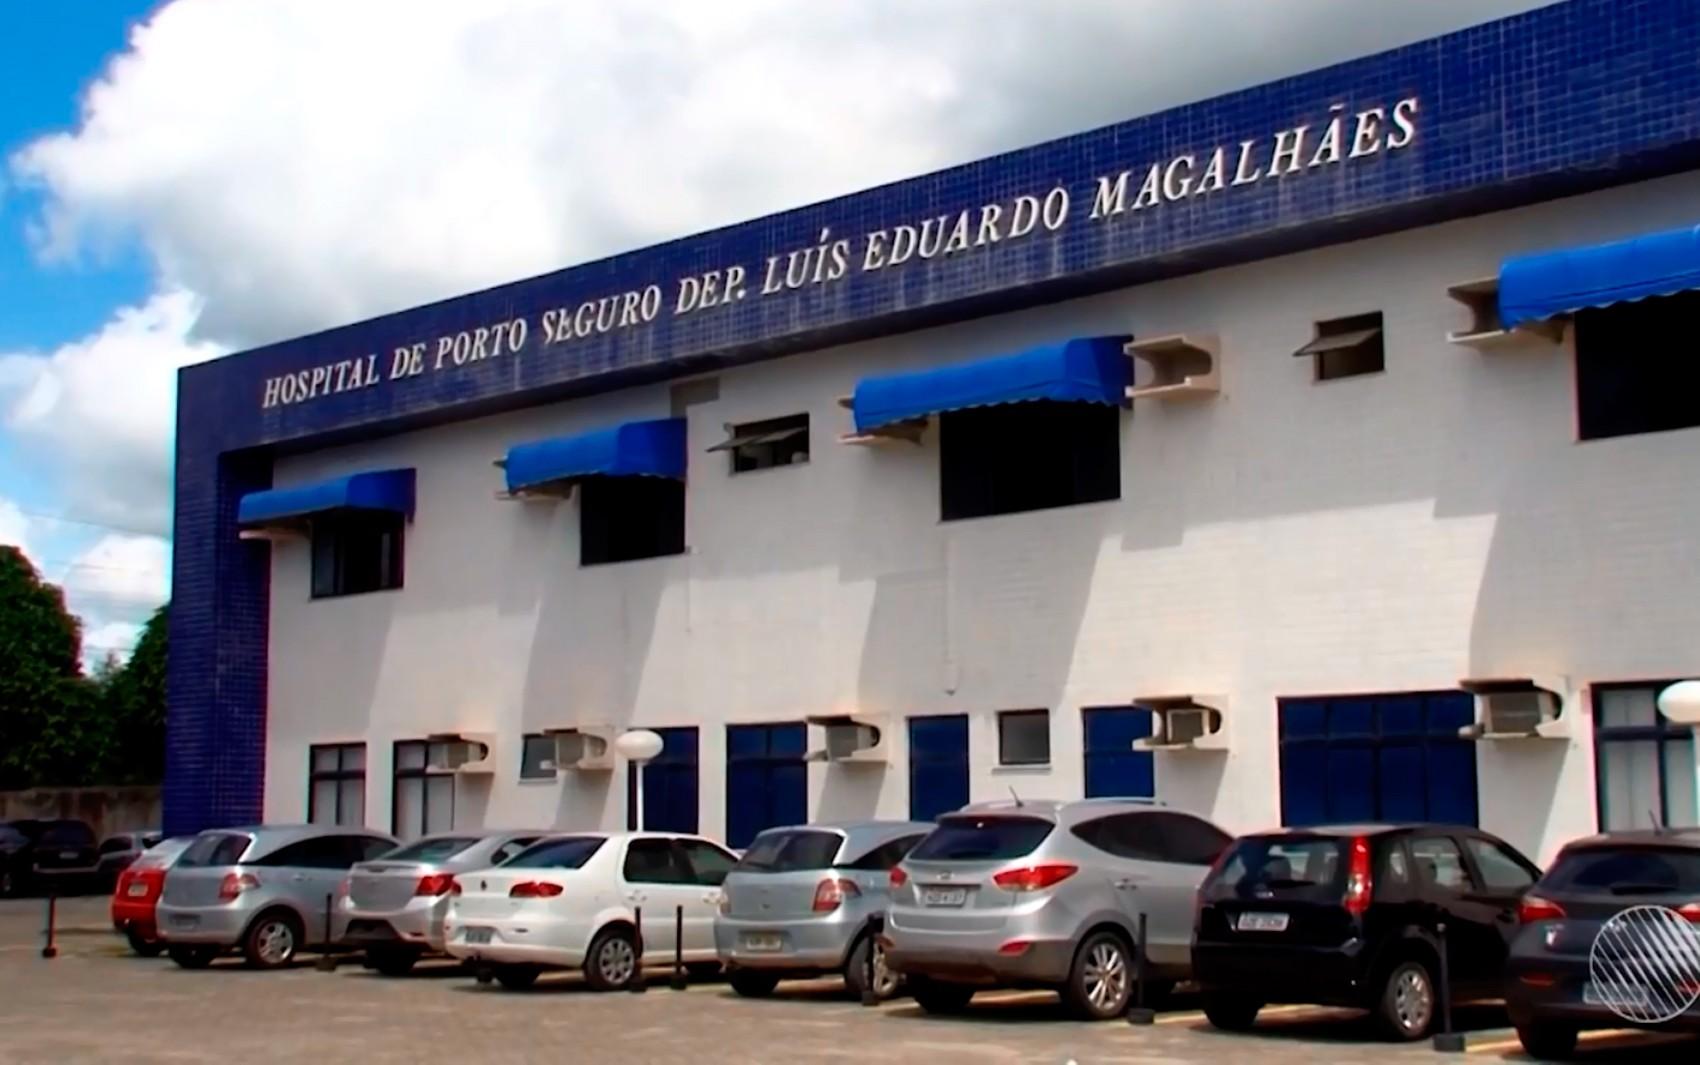 Homem em situação de rua é baleado em Porto Seguro, sul da Bahia